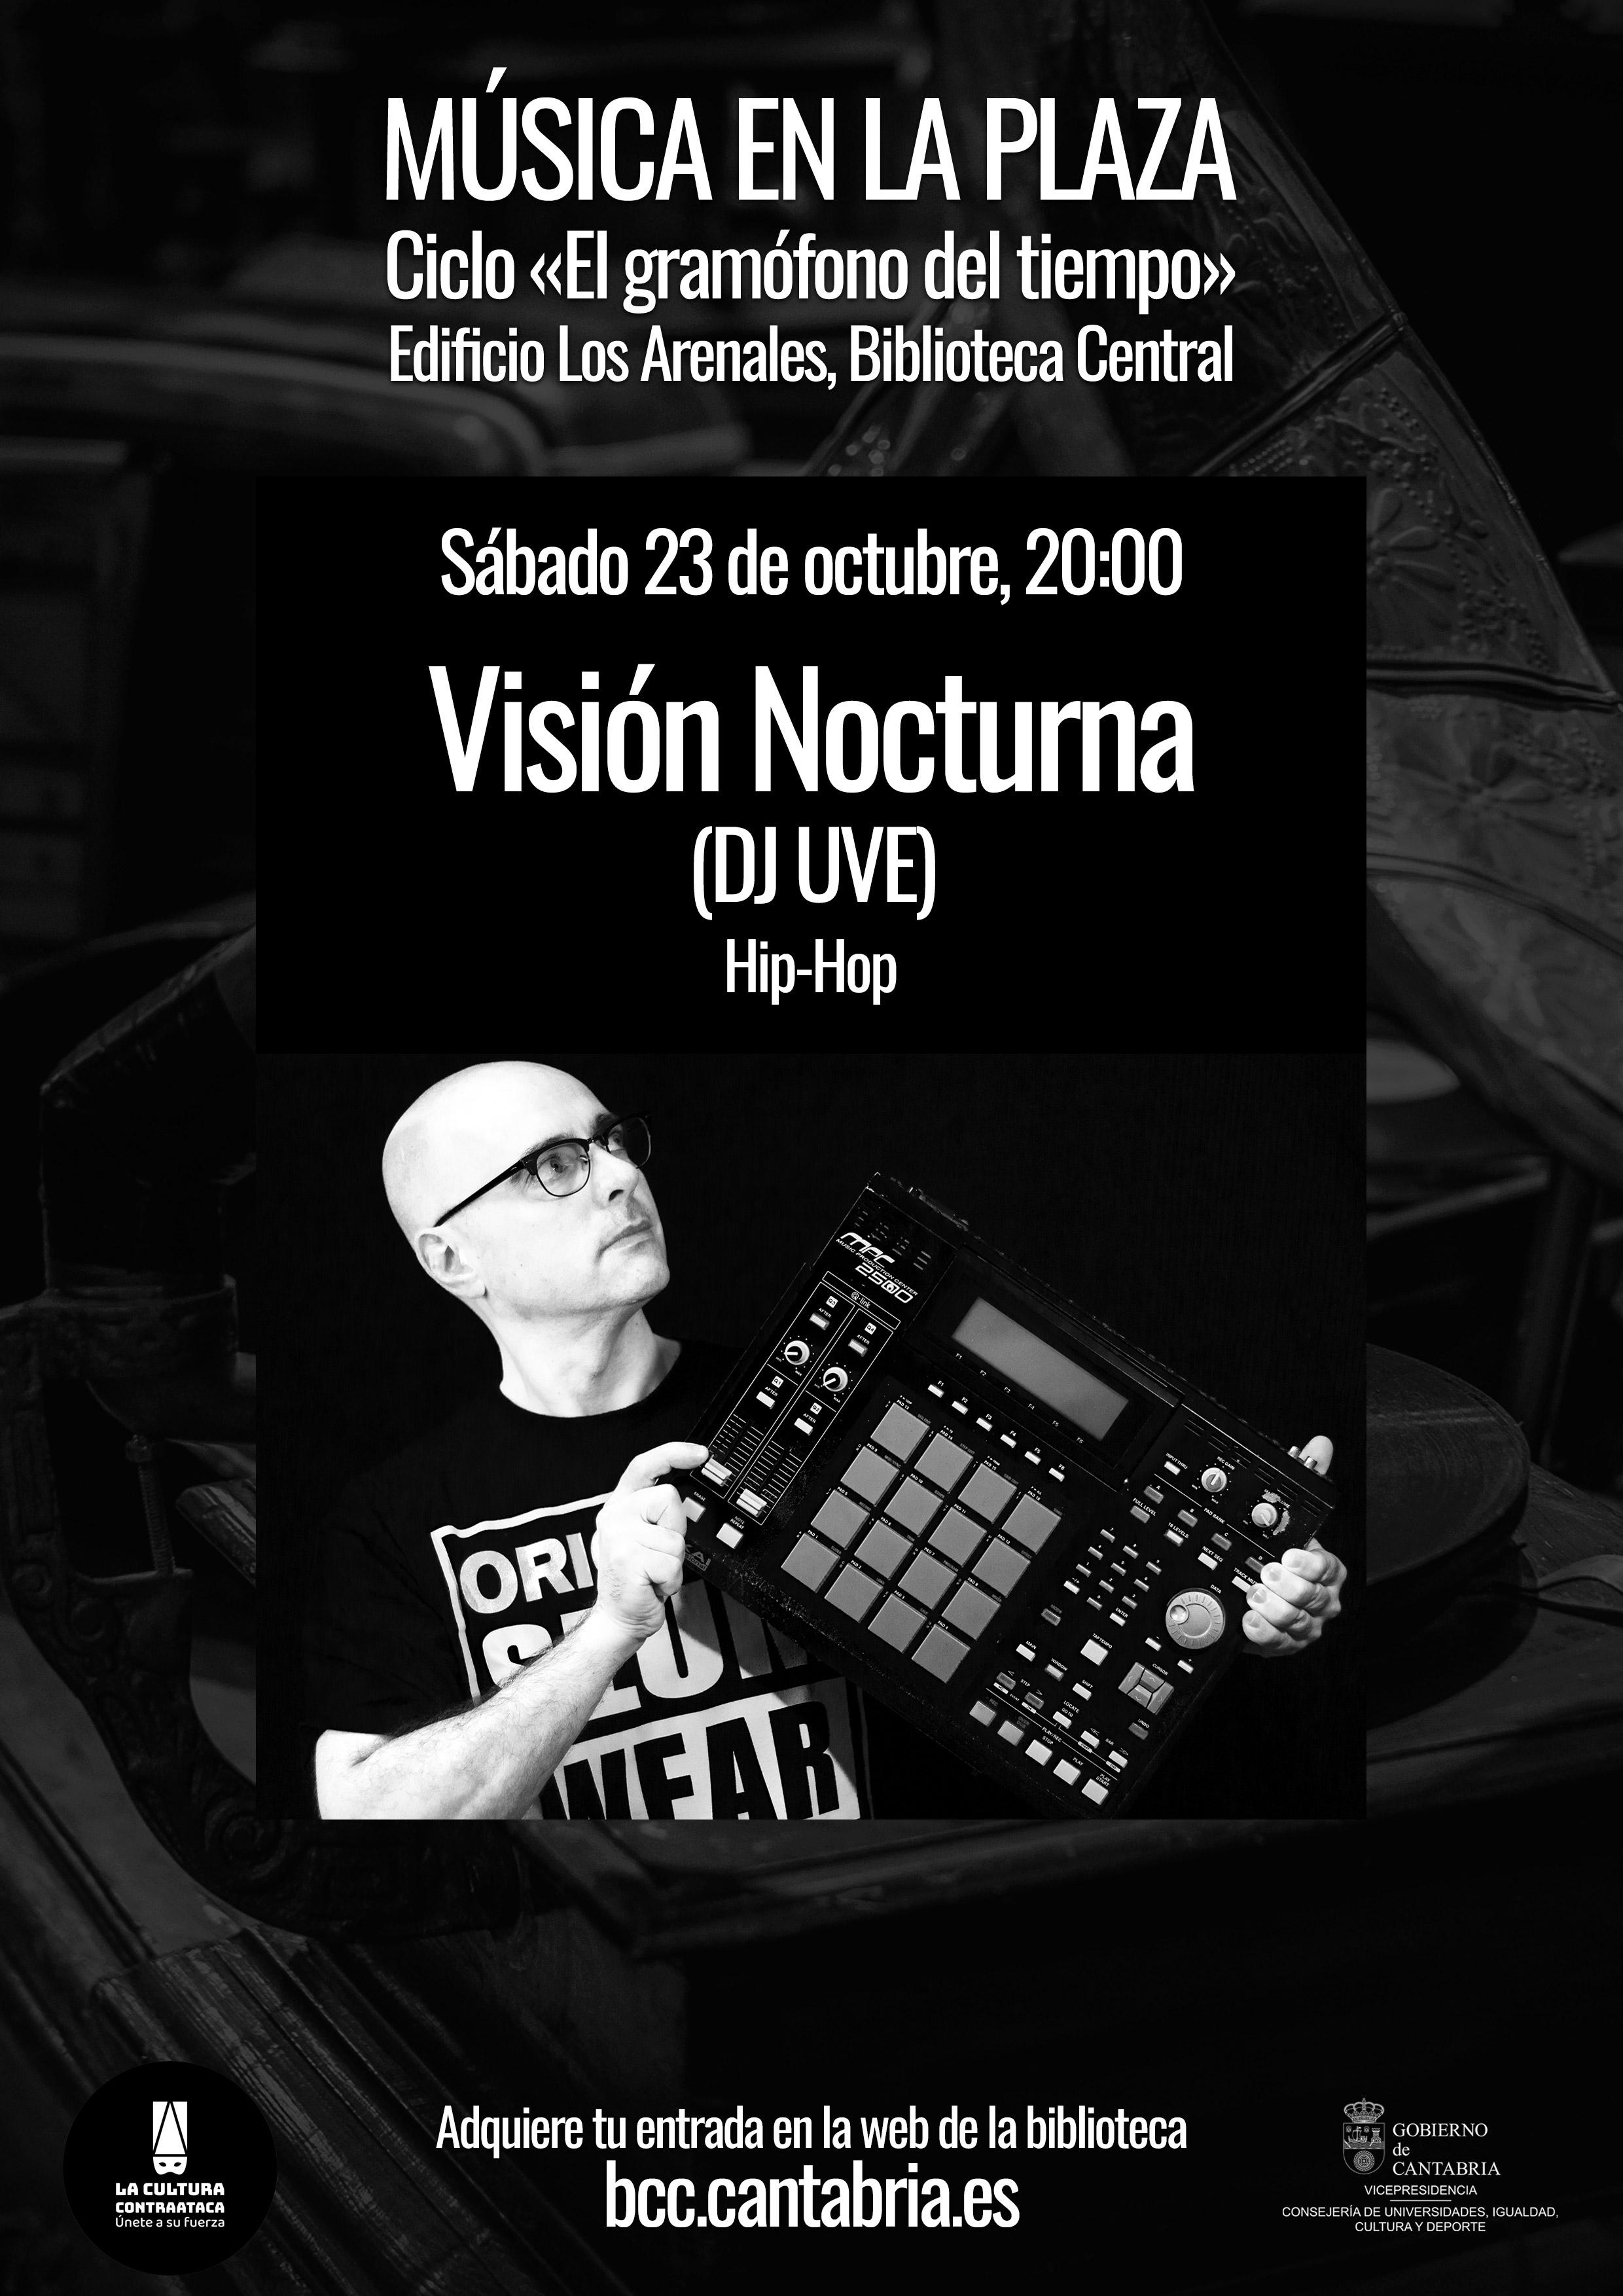 Visión Nocturna en vivo en el Gramófono del Tiempo